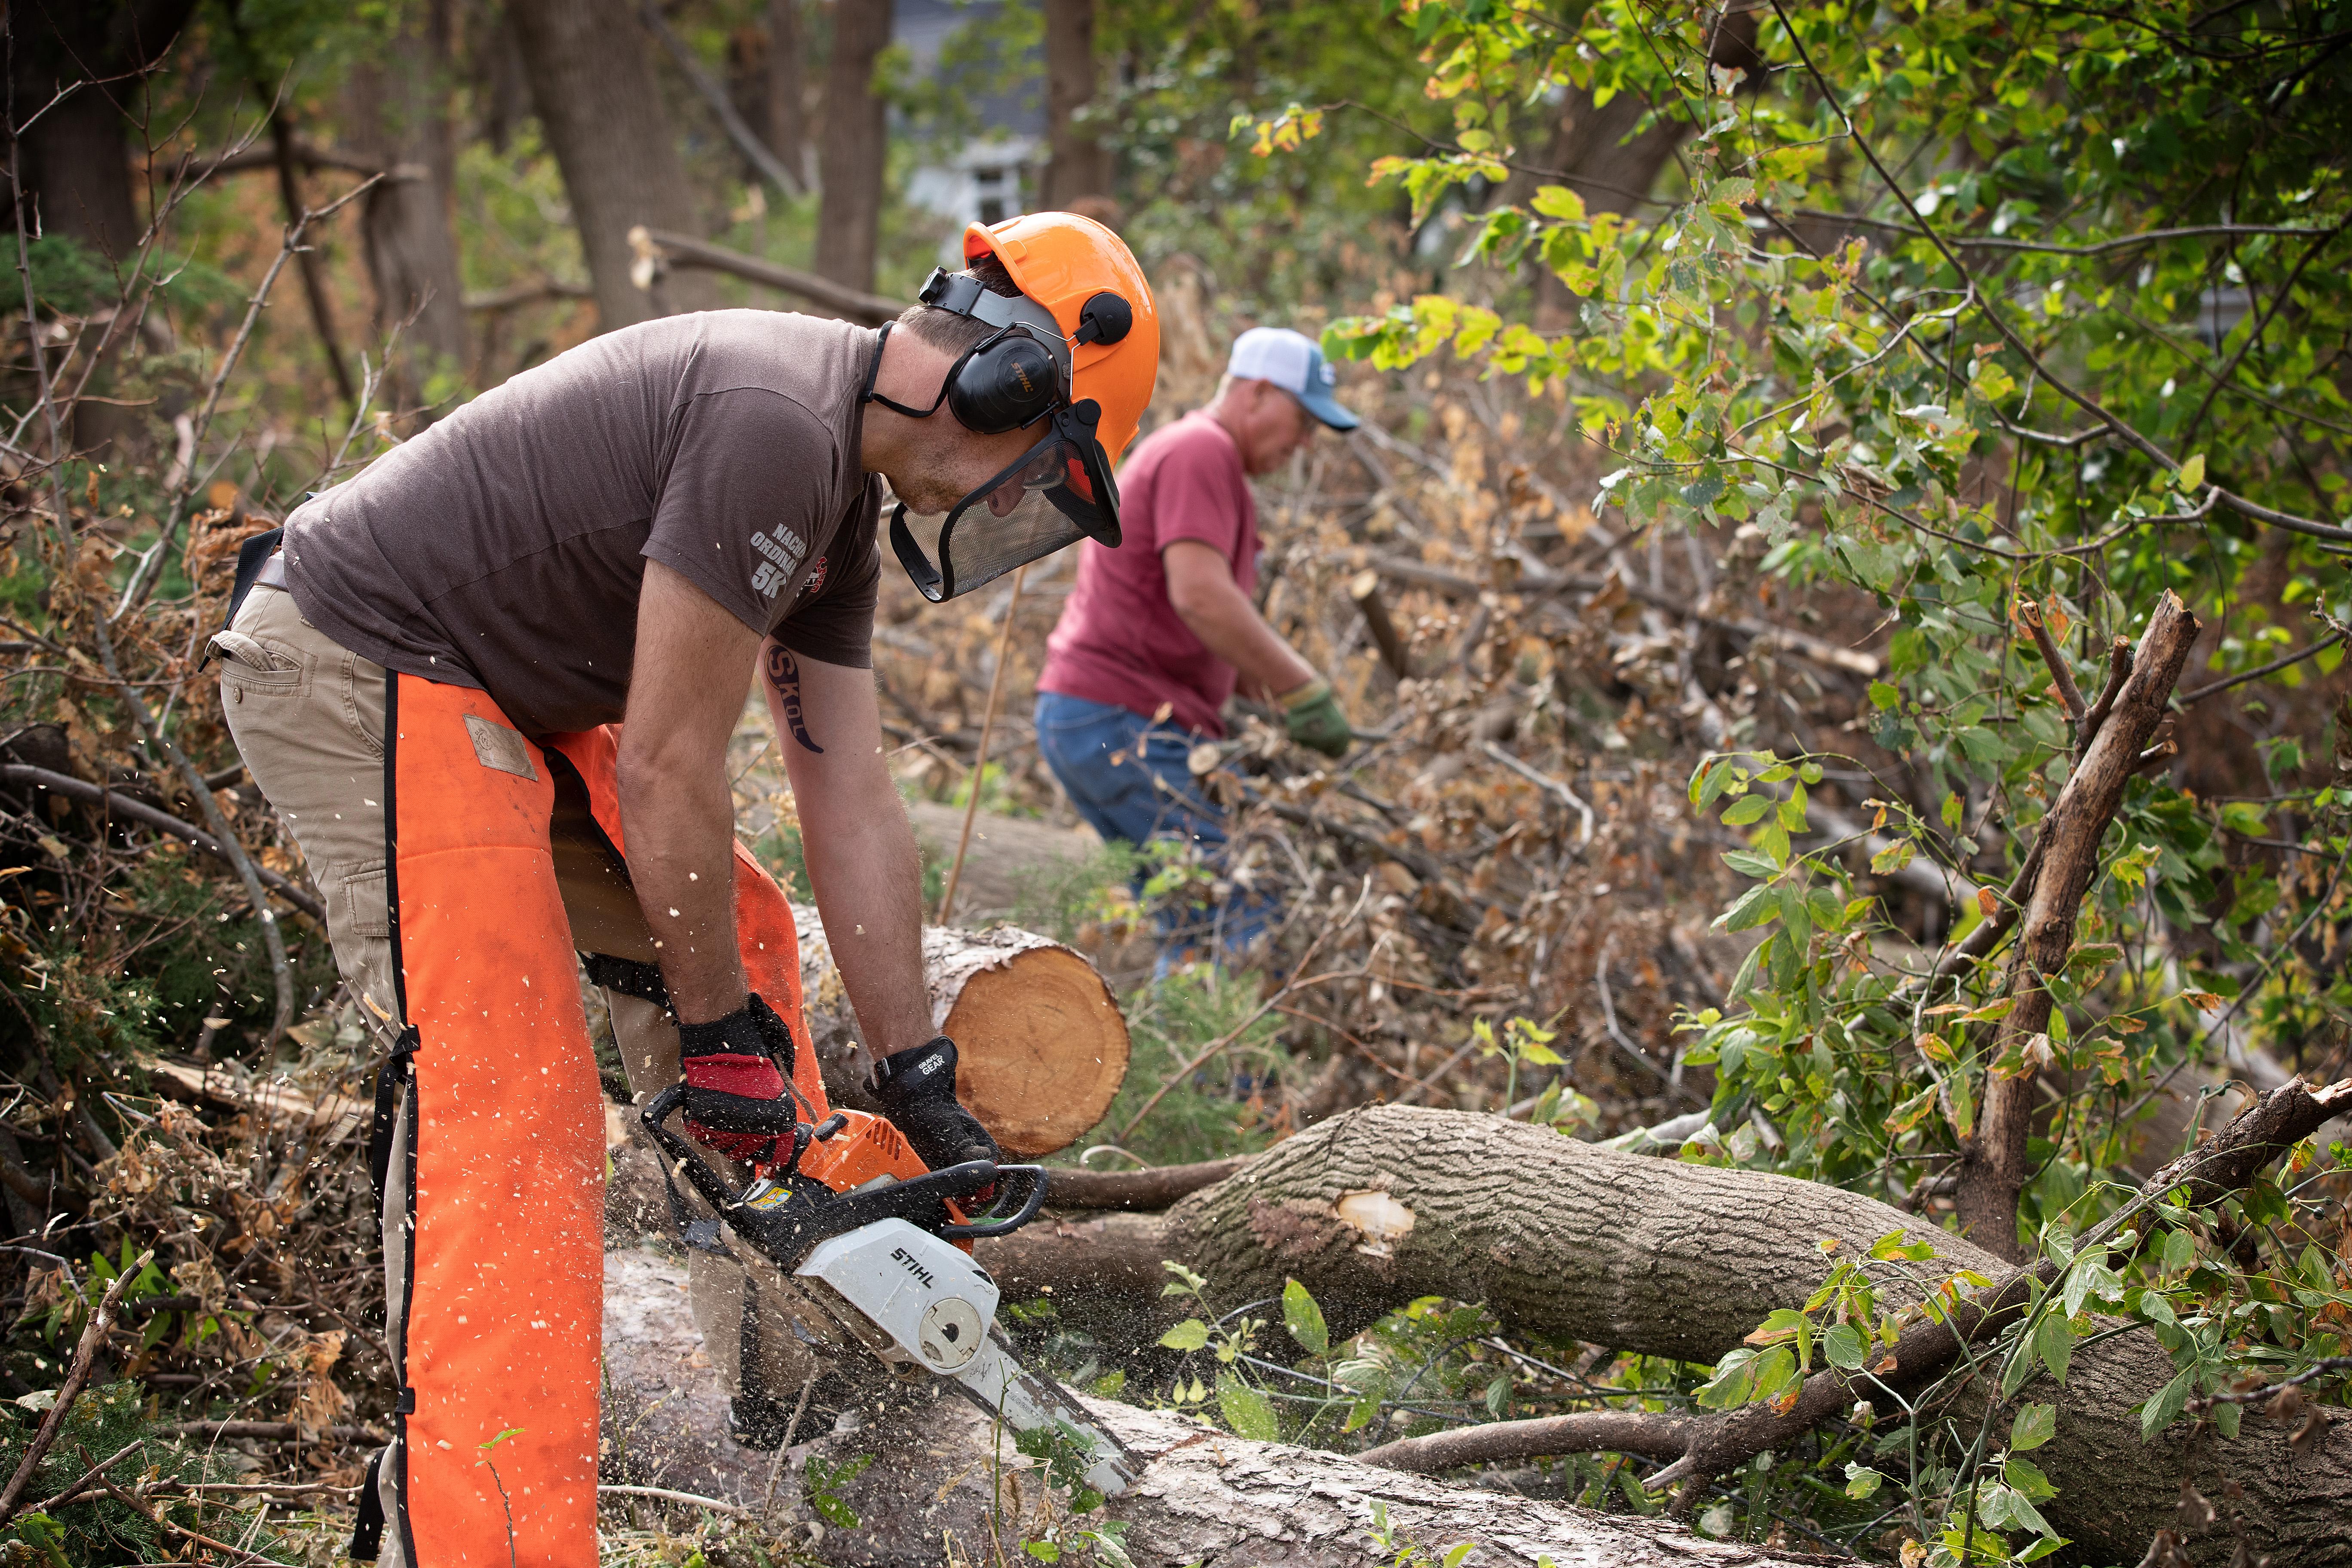 연합감리교회 자원봉사자인 대런 게렛(앞)과 데일 크론이 2020년 8월 강풍 피해를 본 아이오와주 시다 래피즈(Cedar Rapids)의 한 집에서 전기톱을 이용해 쓰러진 나무들을 치우고 있다.